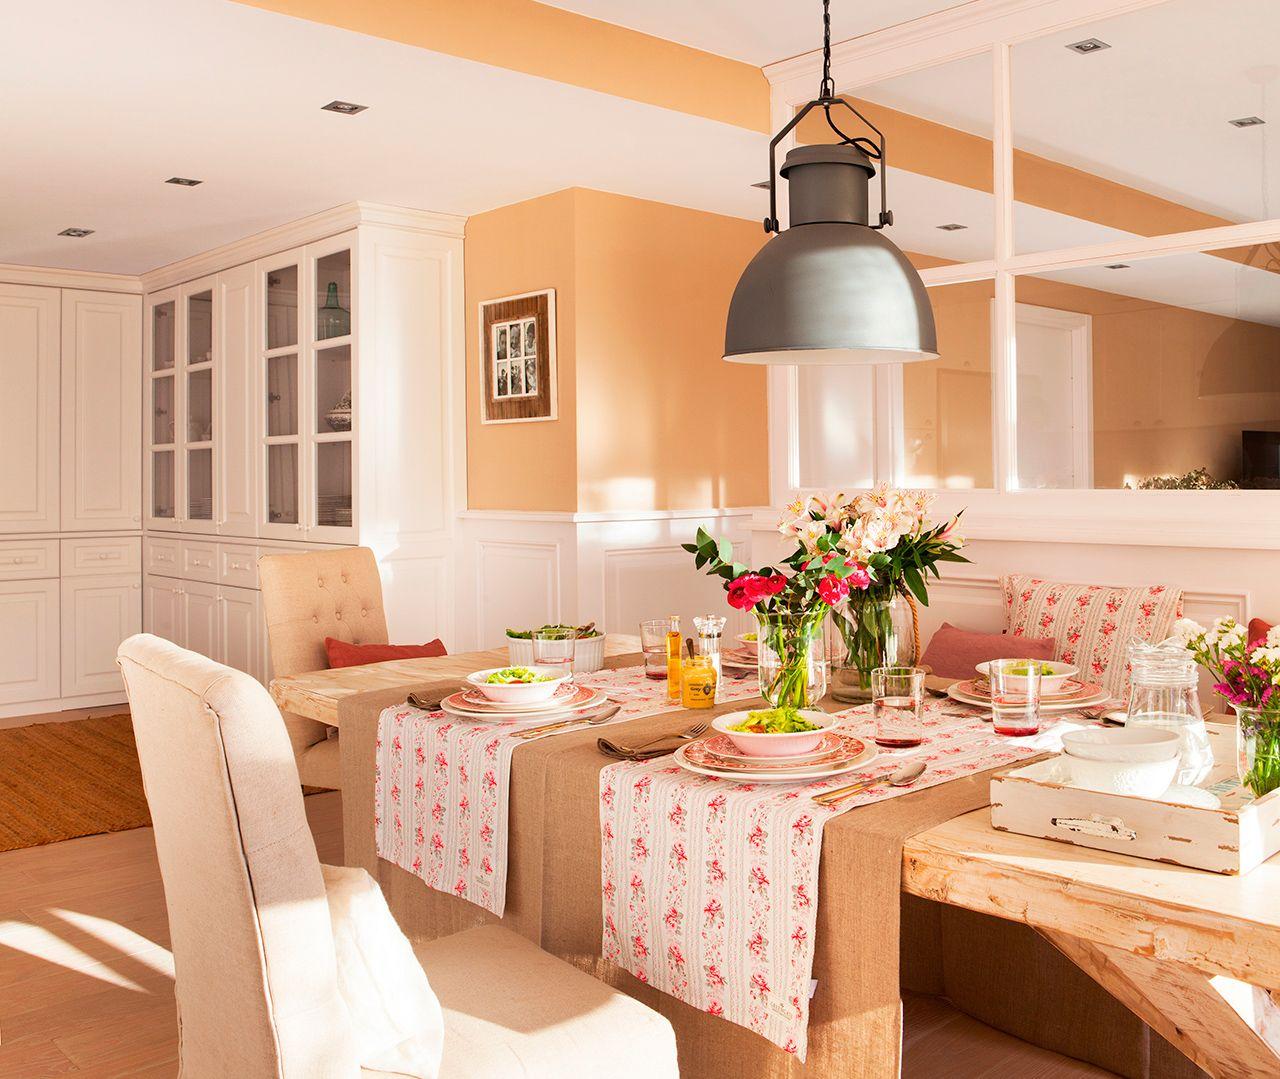 Comedor con mesa de madera, mantelería de flores y vista de armarios ...